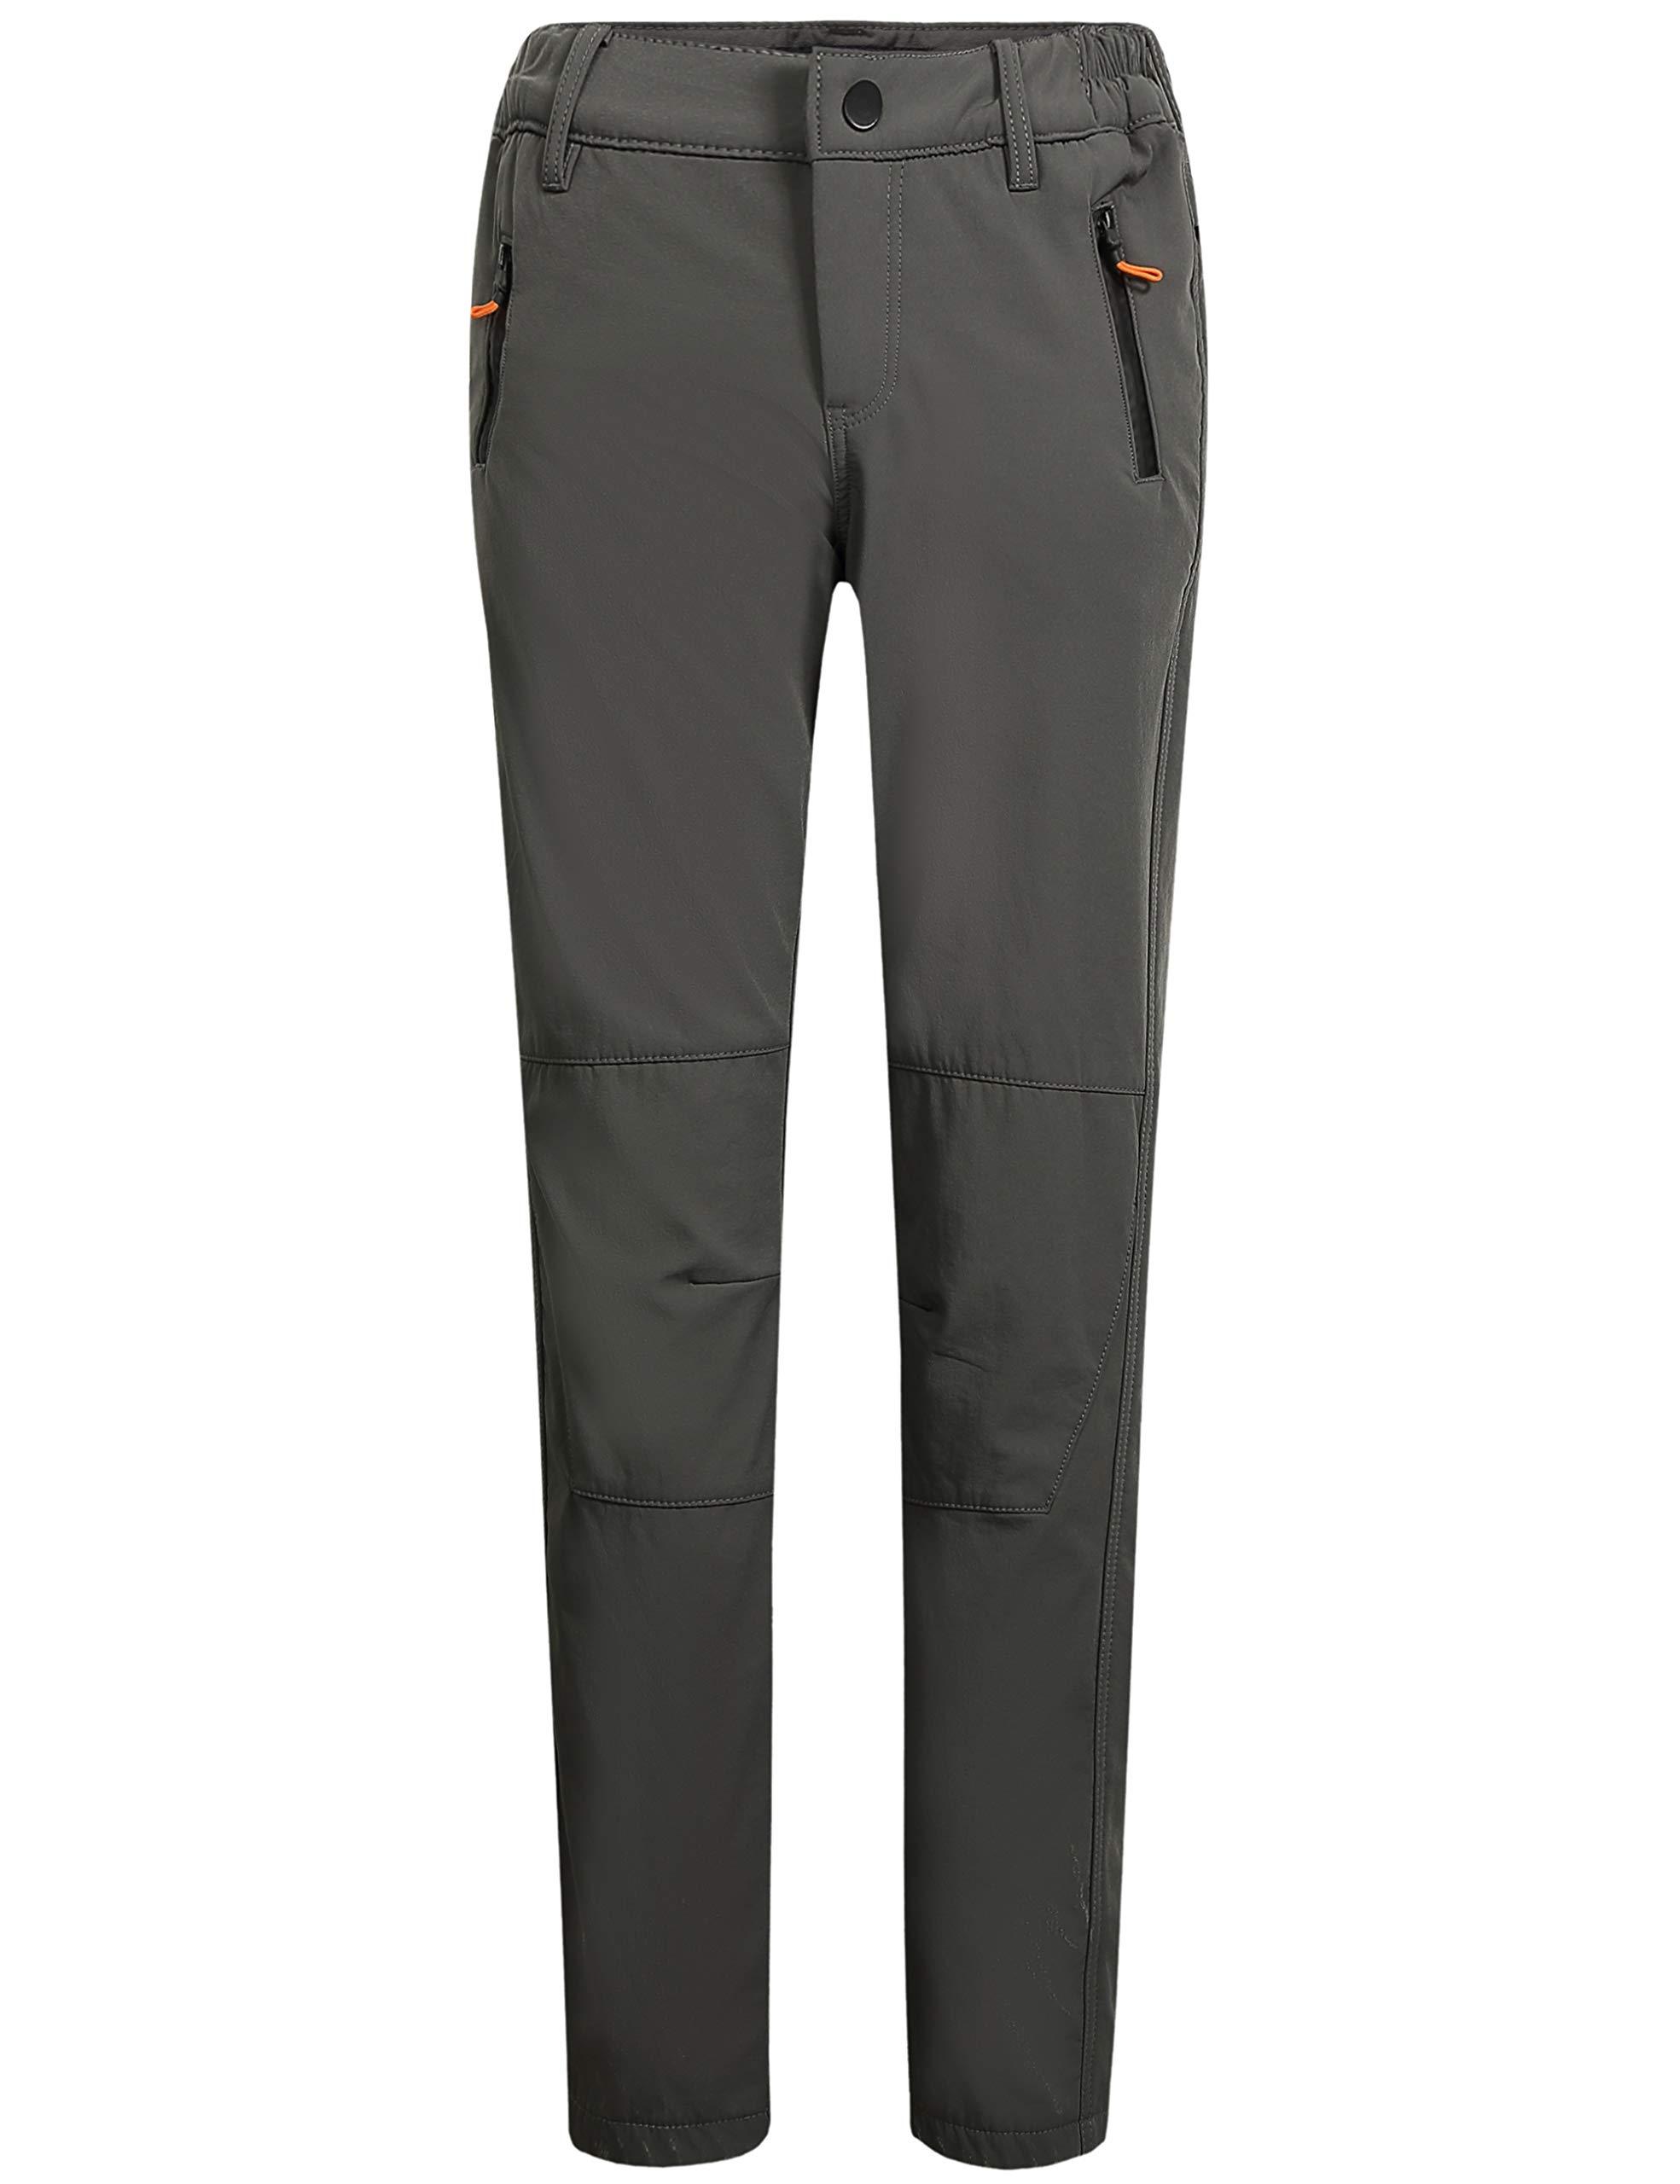 Camii Mia Women's Windproof Waterproof Sportswear Outdoor Hiking Fleece Pants (W28 x L30, Charcoal Grey) by Camii Mia